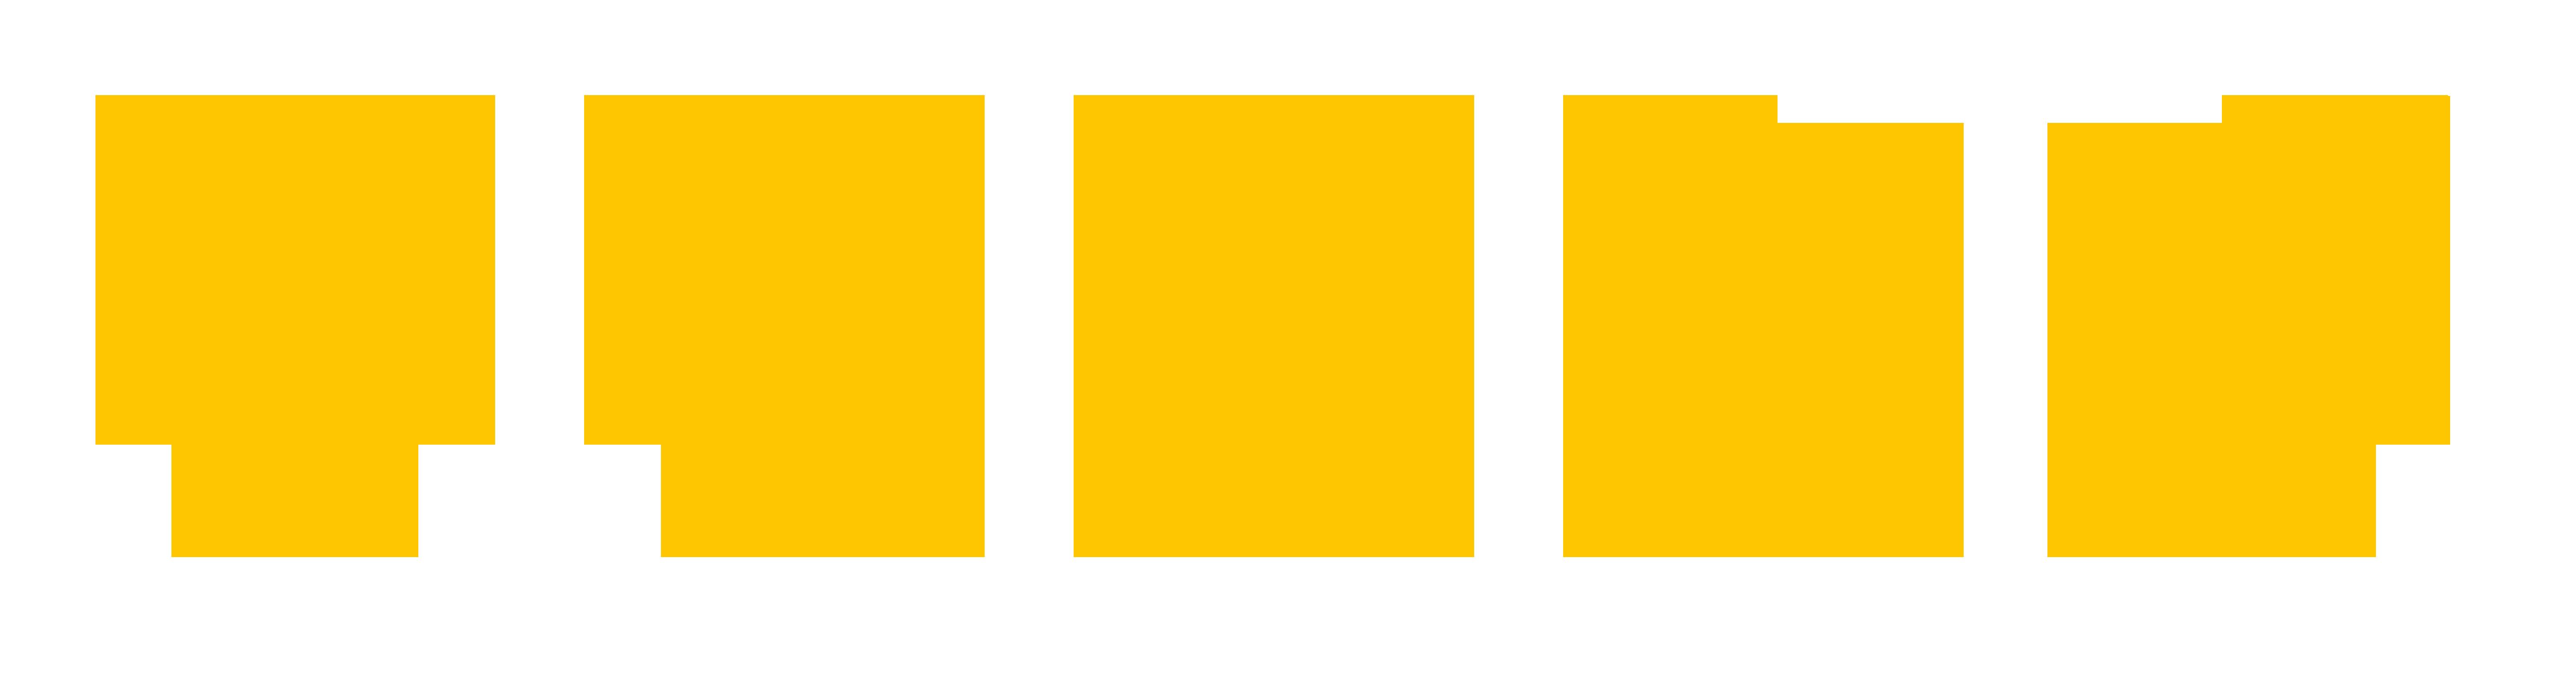 5 Starts Reviews